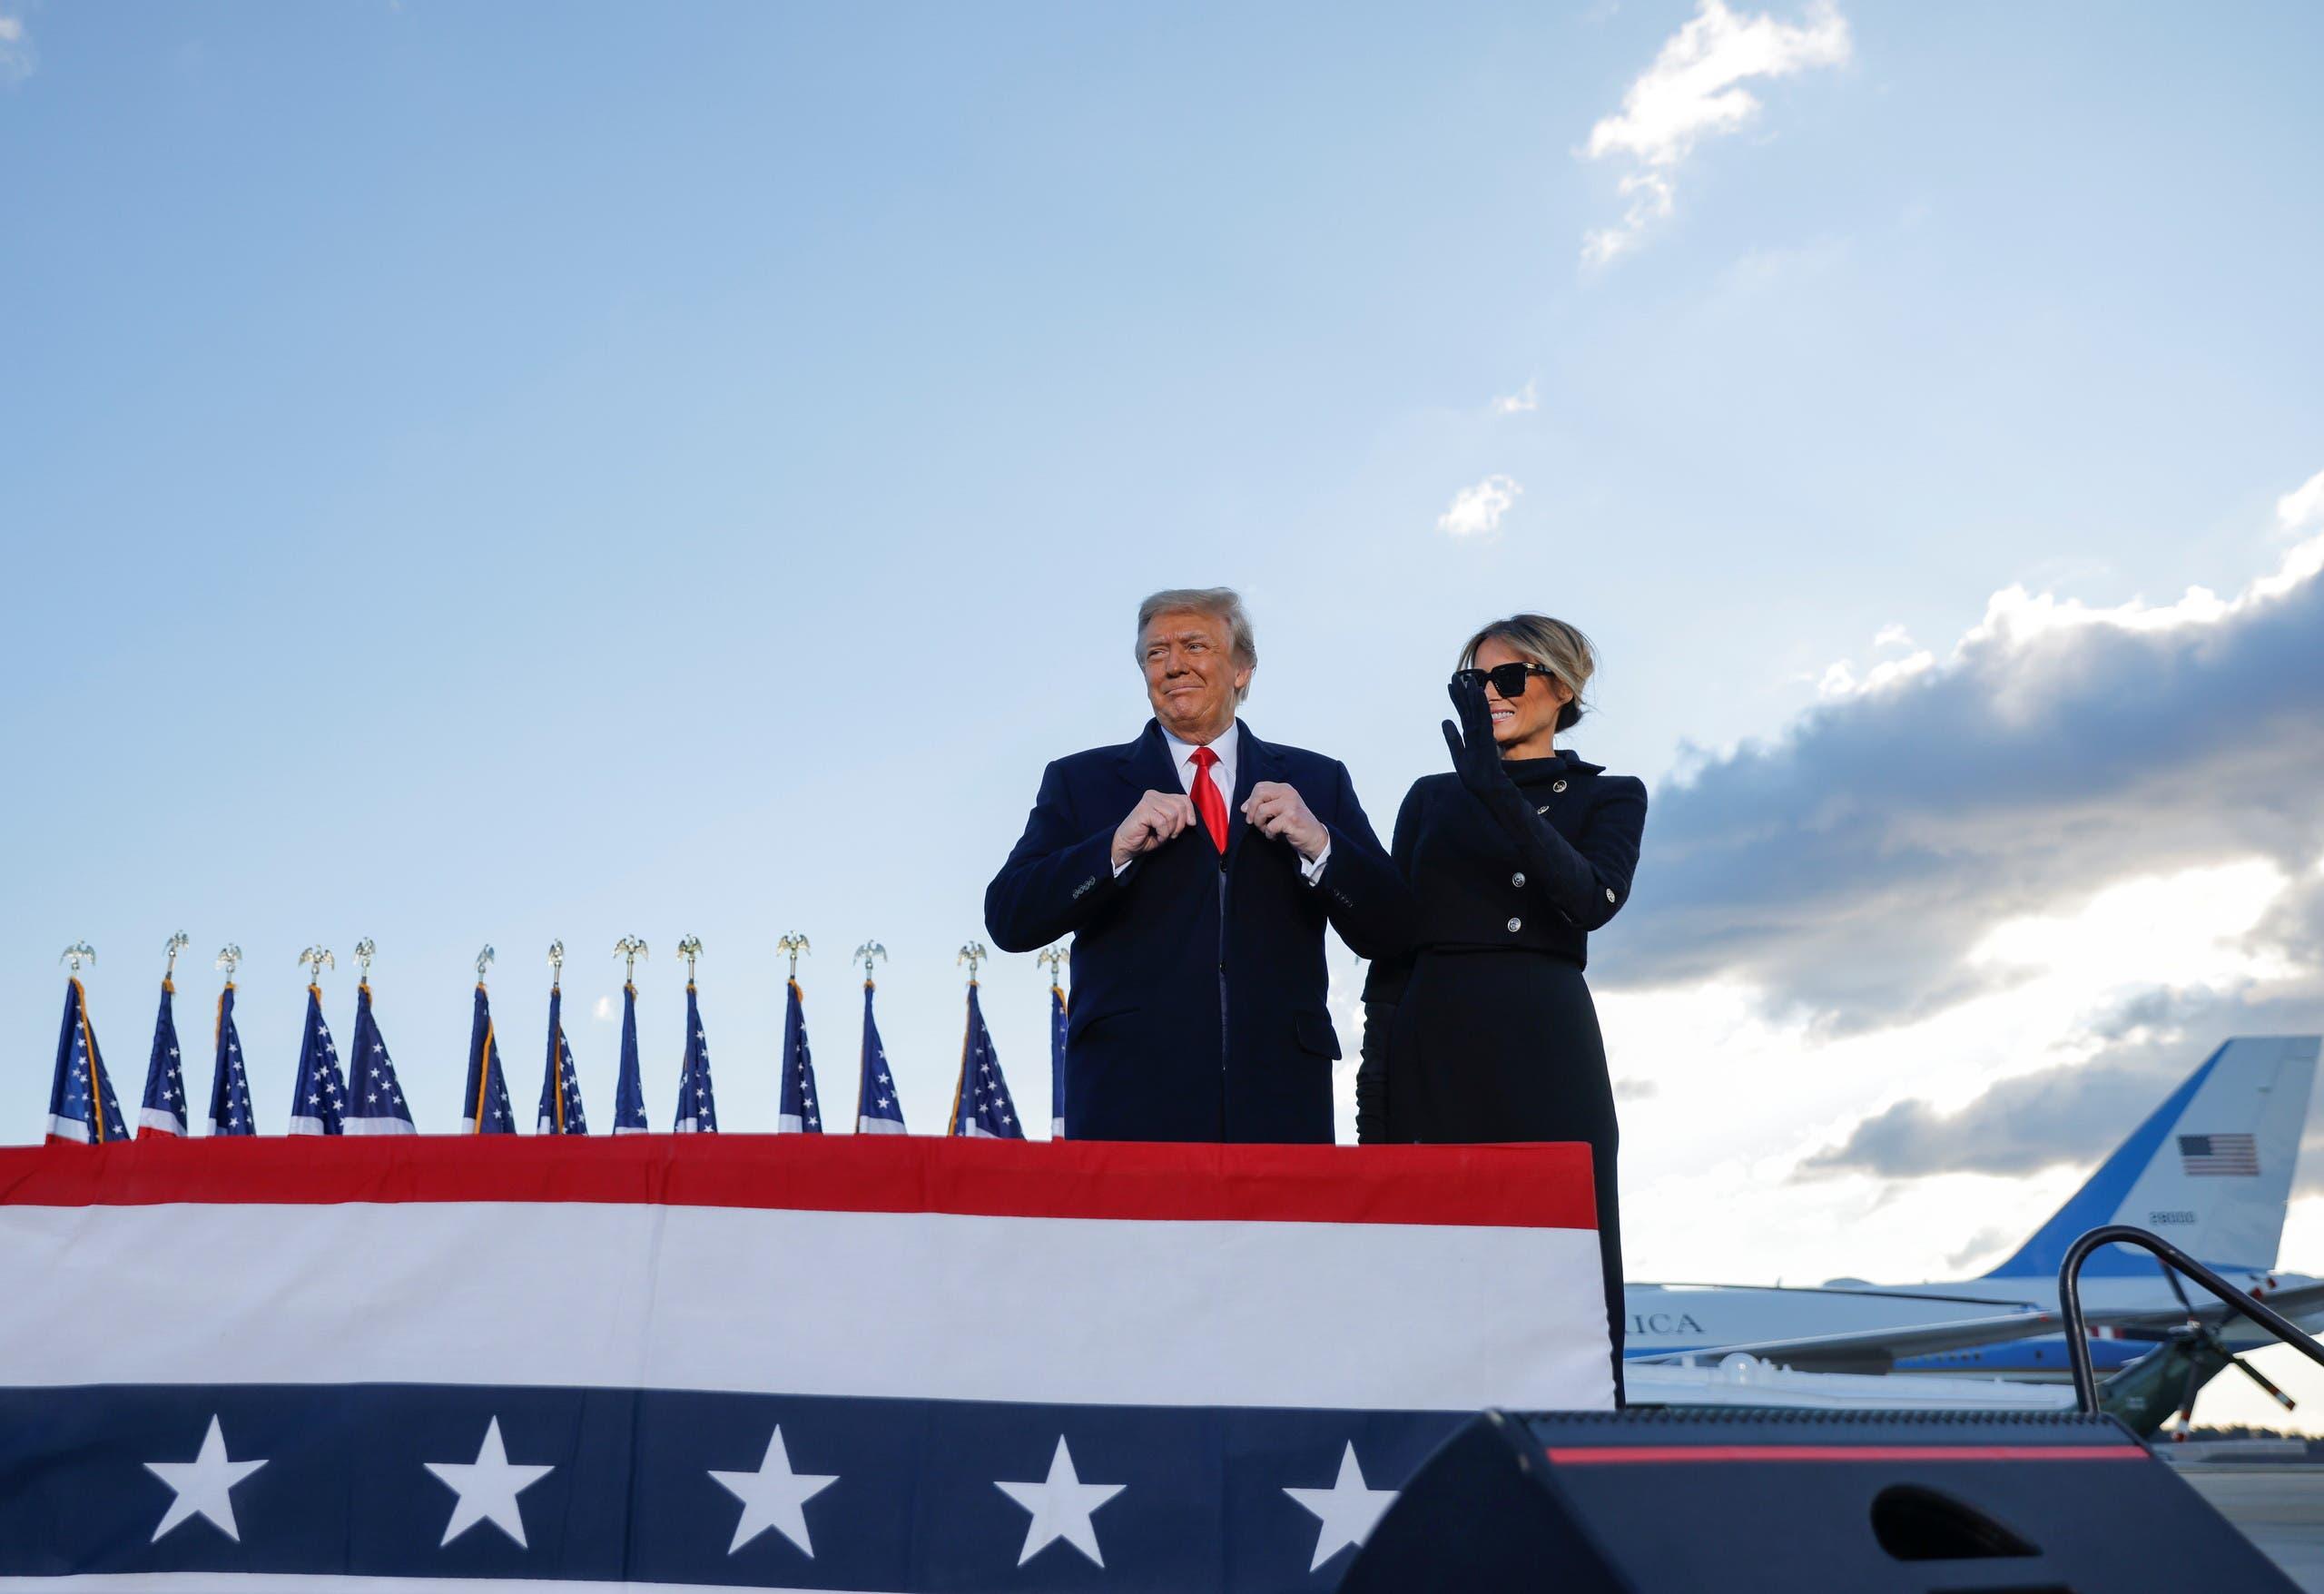 الرئيس دونالد ترمب قبل المغادرة